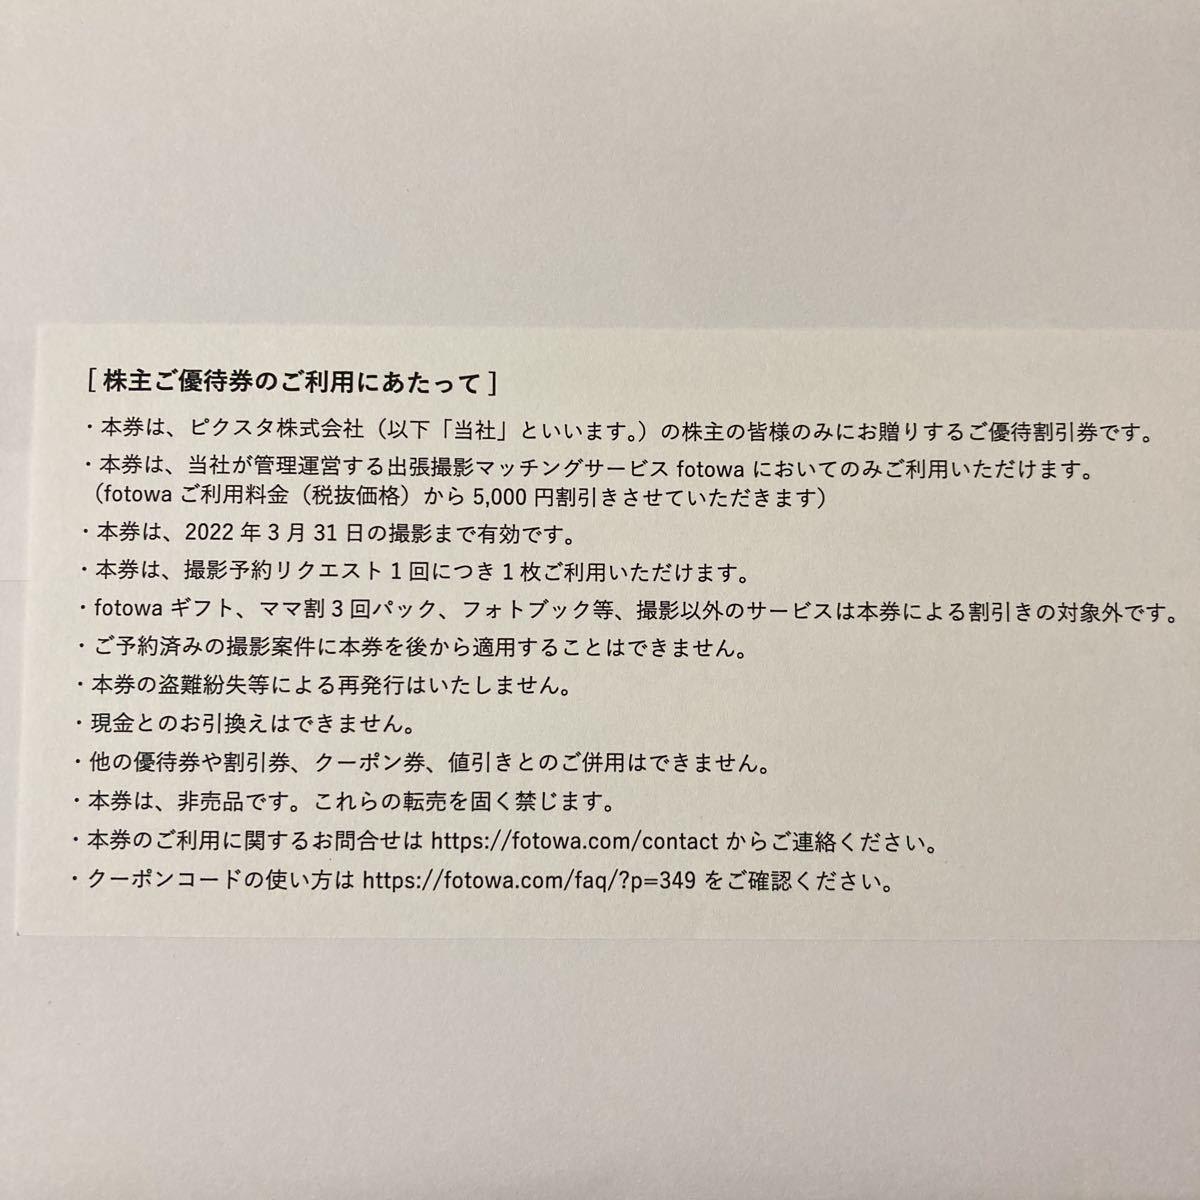 5,000円分 ピクスタ fotowa 出張撮影サービス 株主優待券 株主優待 割引券 有効期限2022.3.31_画像2